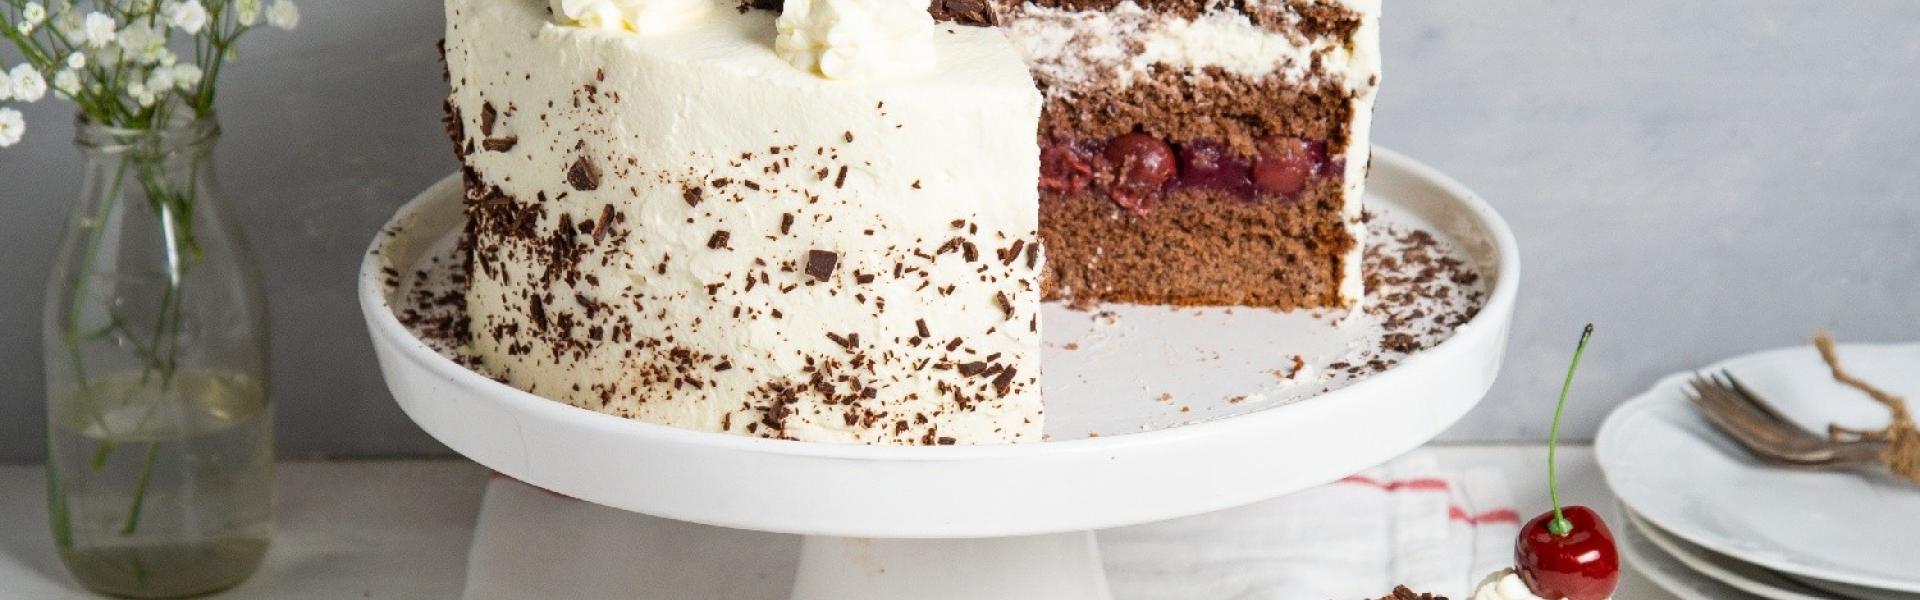 Torte auf Tortenplatte mit Vase und Kuchenstück auf Teller